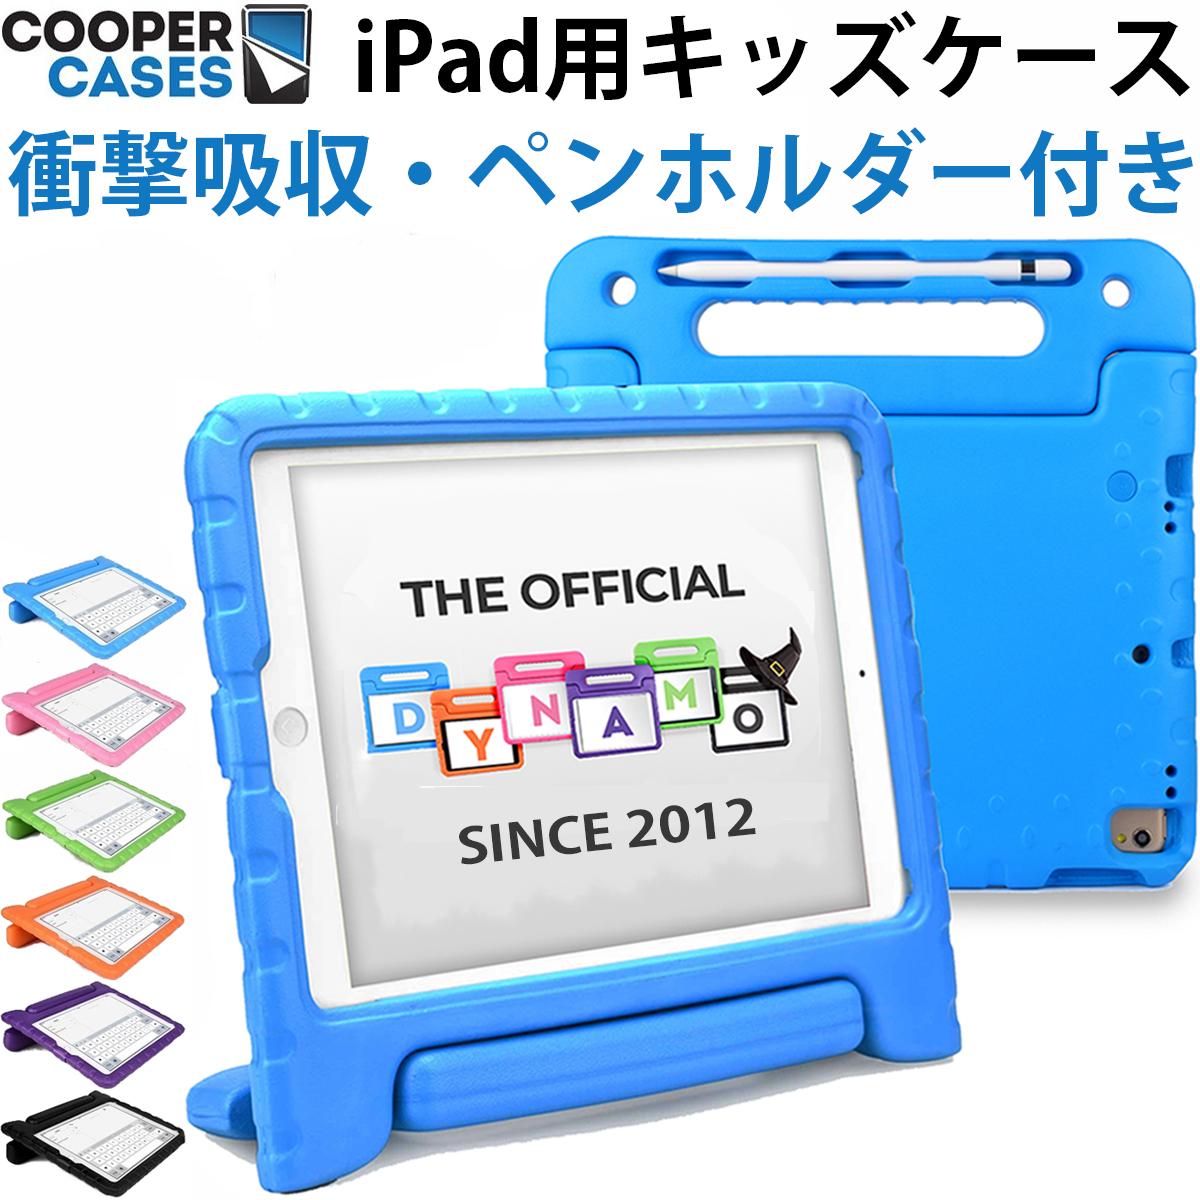 送料無料 2012年発売依頼 長く愛されているベストセラーキッズケース iPad 10.2 2020 2019 9.7 2018 2017 Air4 Air3 Air2 Pro 11 12.9 販売 mini5 mini4 ipad8 第8世代 保護 子ども用 ケース 第7世代 かわいい 第6世代 キッズ 耐衝撃 ipad7 Cooper こども 保証 Cases 子供 頑丈 Dynamo 10.9